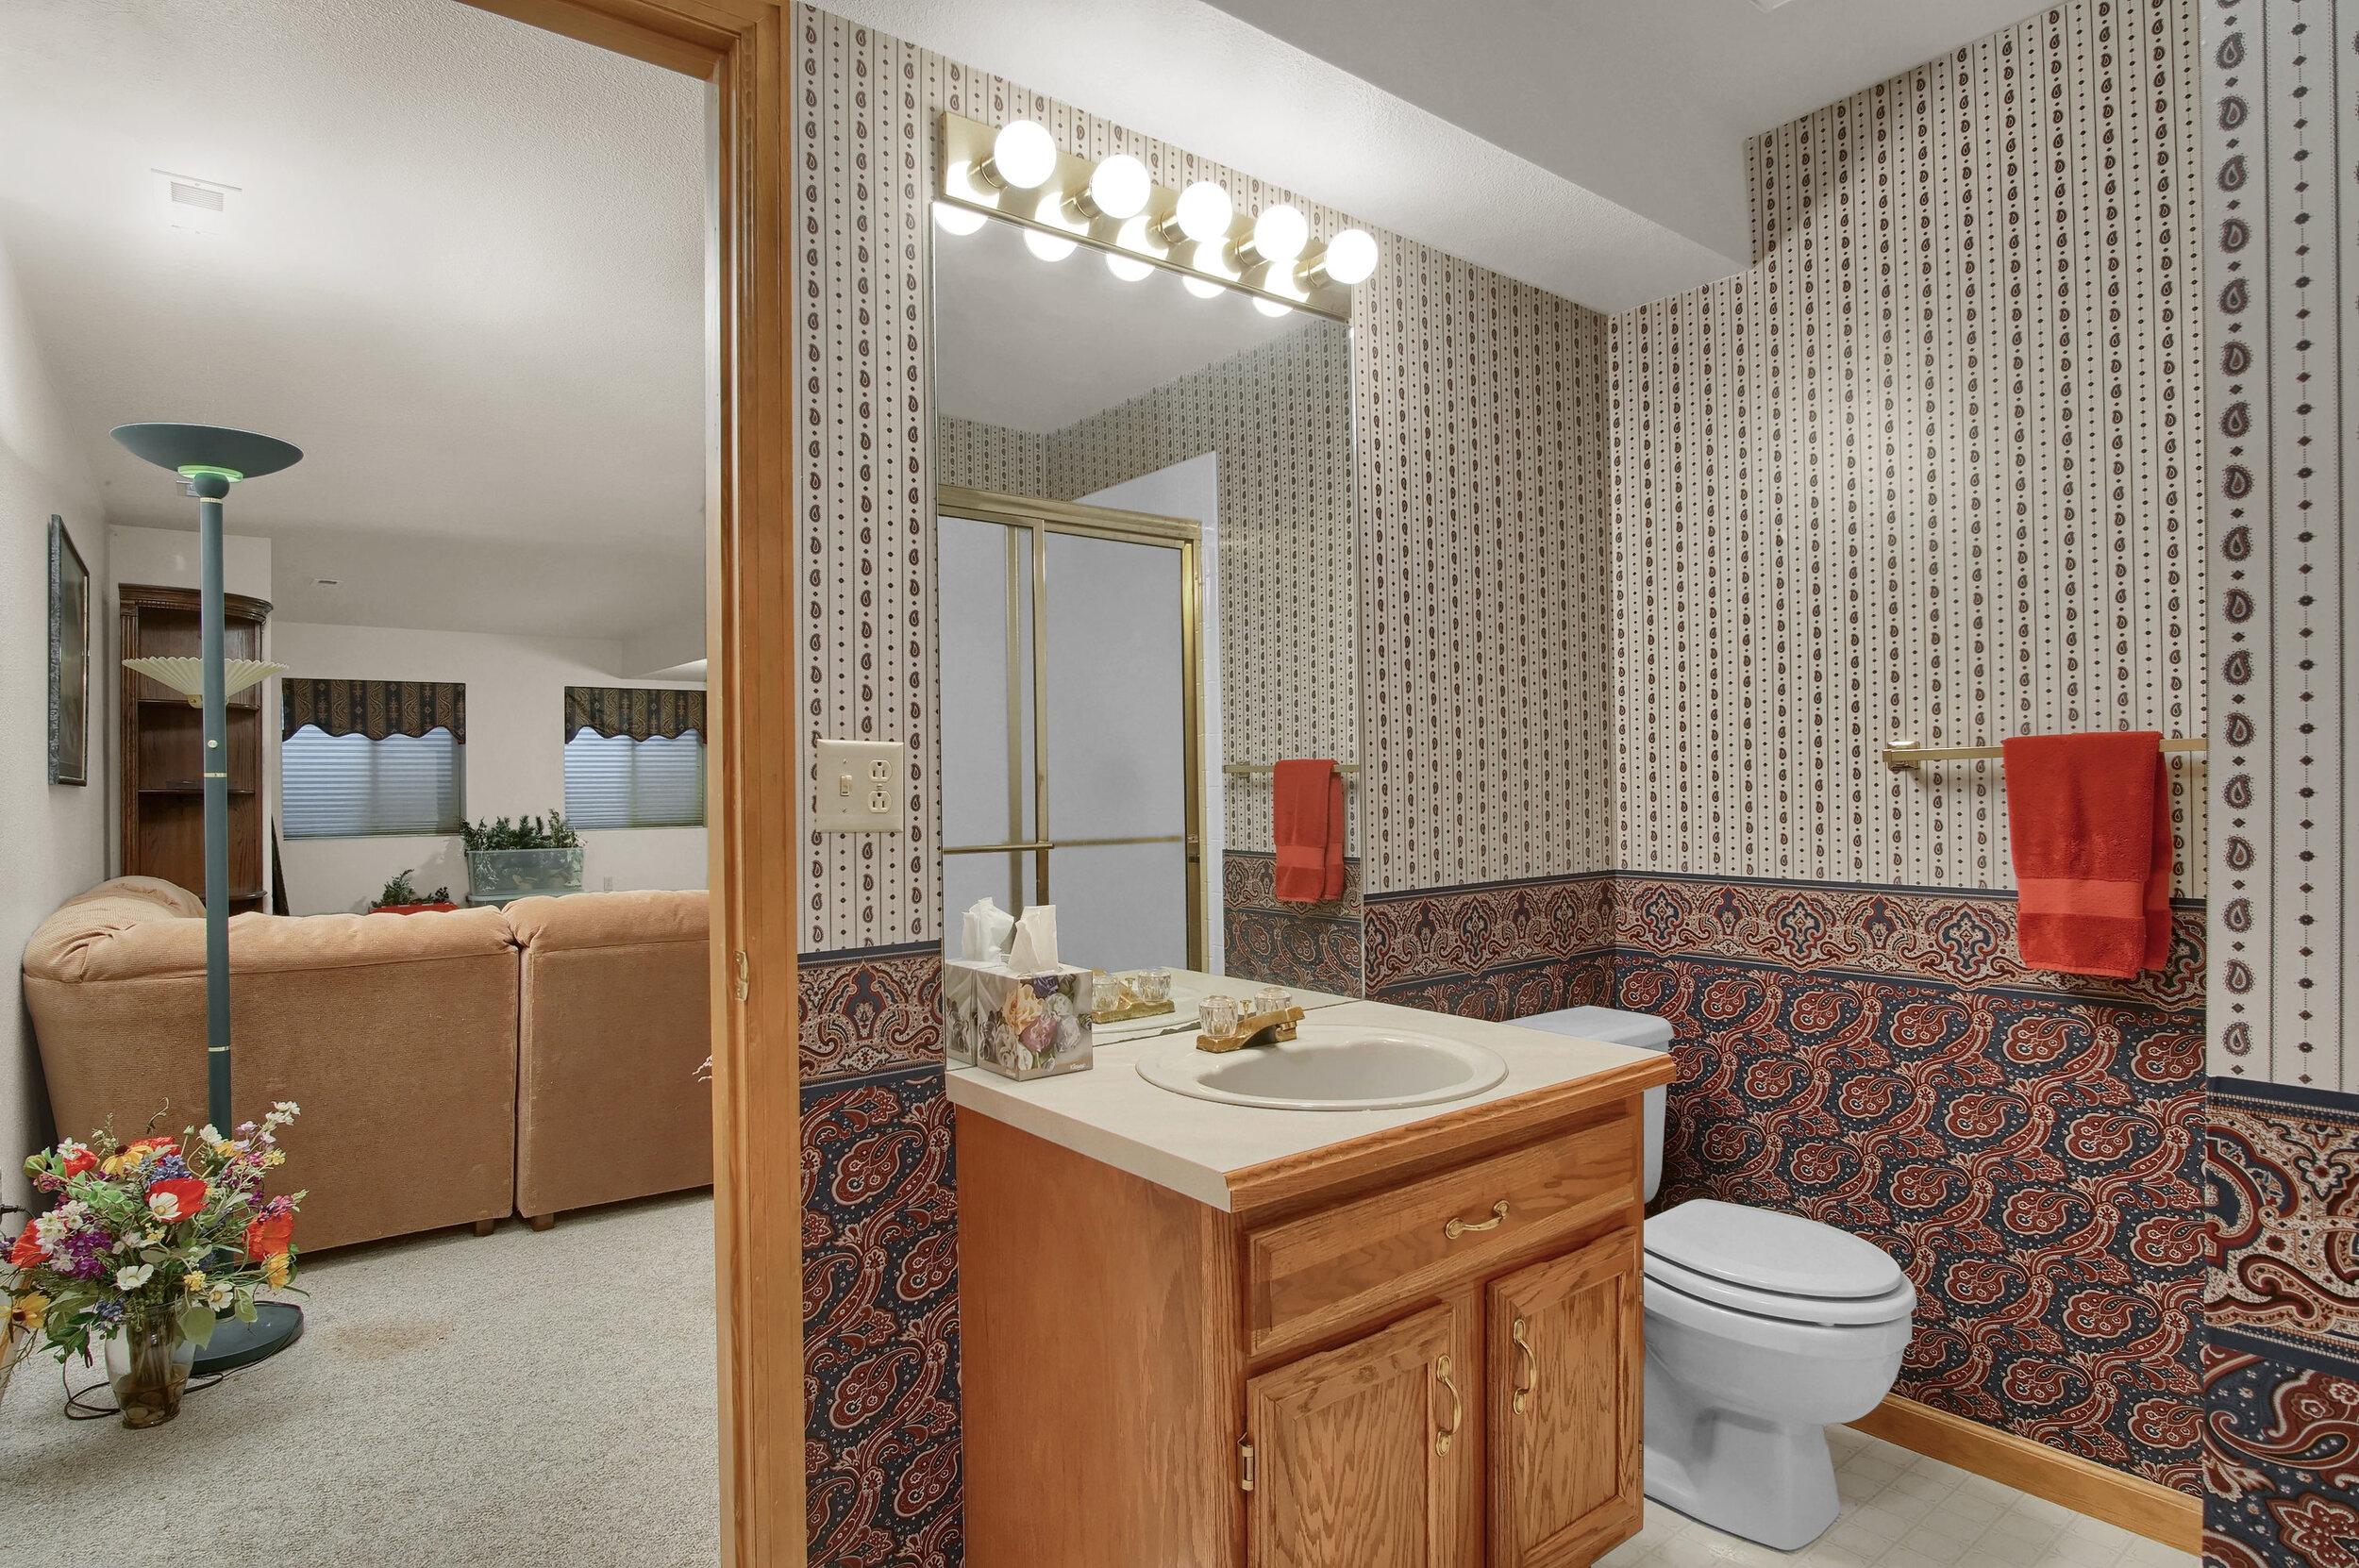 4919 Nightshade Cir Colorado-print-032-025-Bathroom-3008x2000-300dpi.jpg